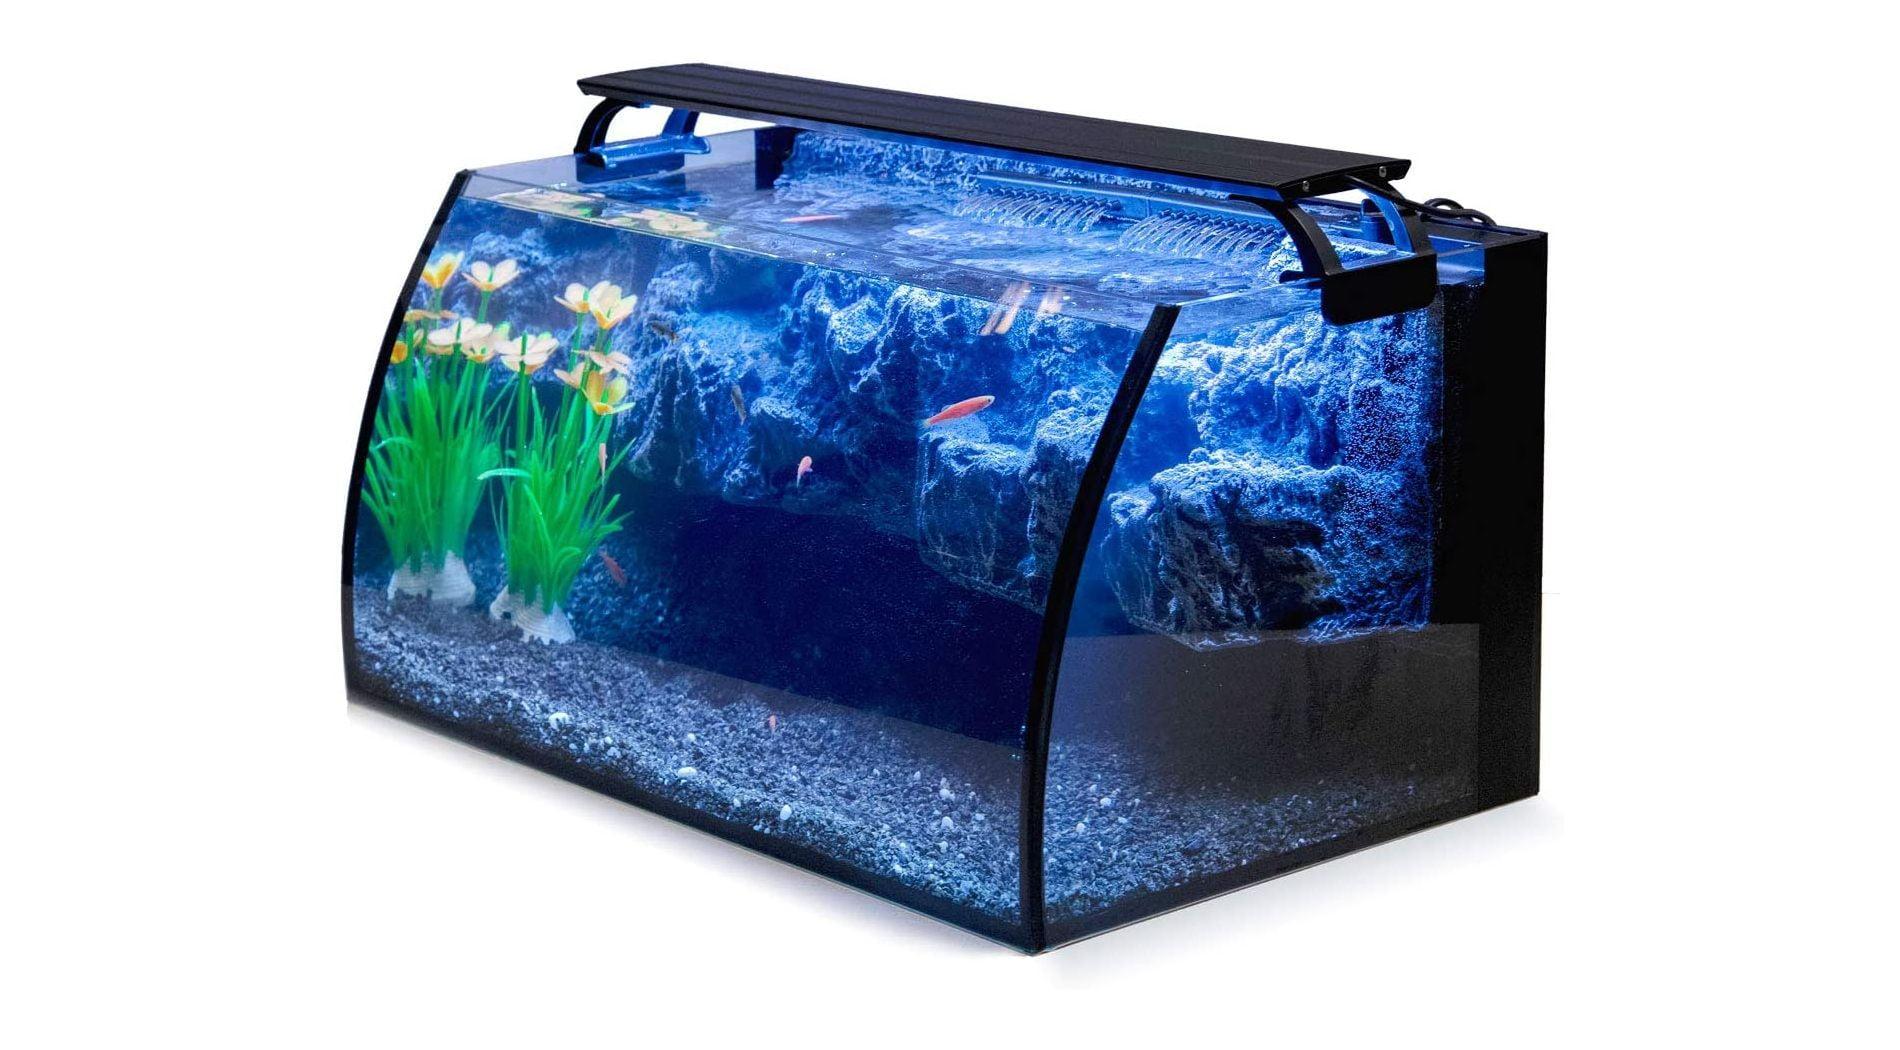 Mejores acuarios para peces Betta